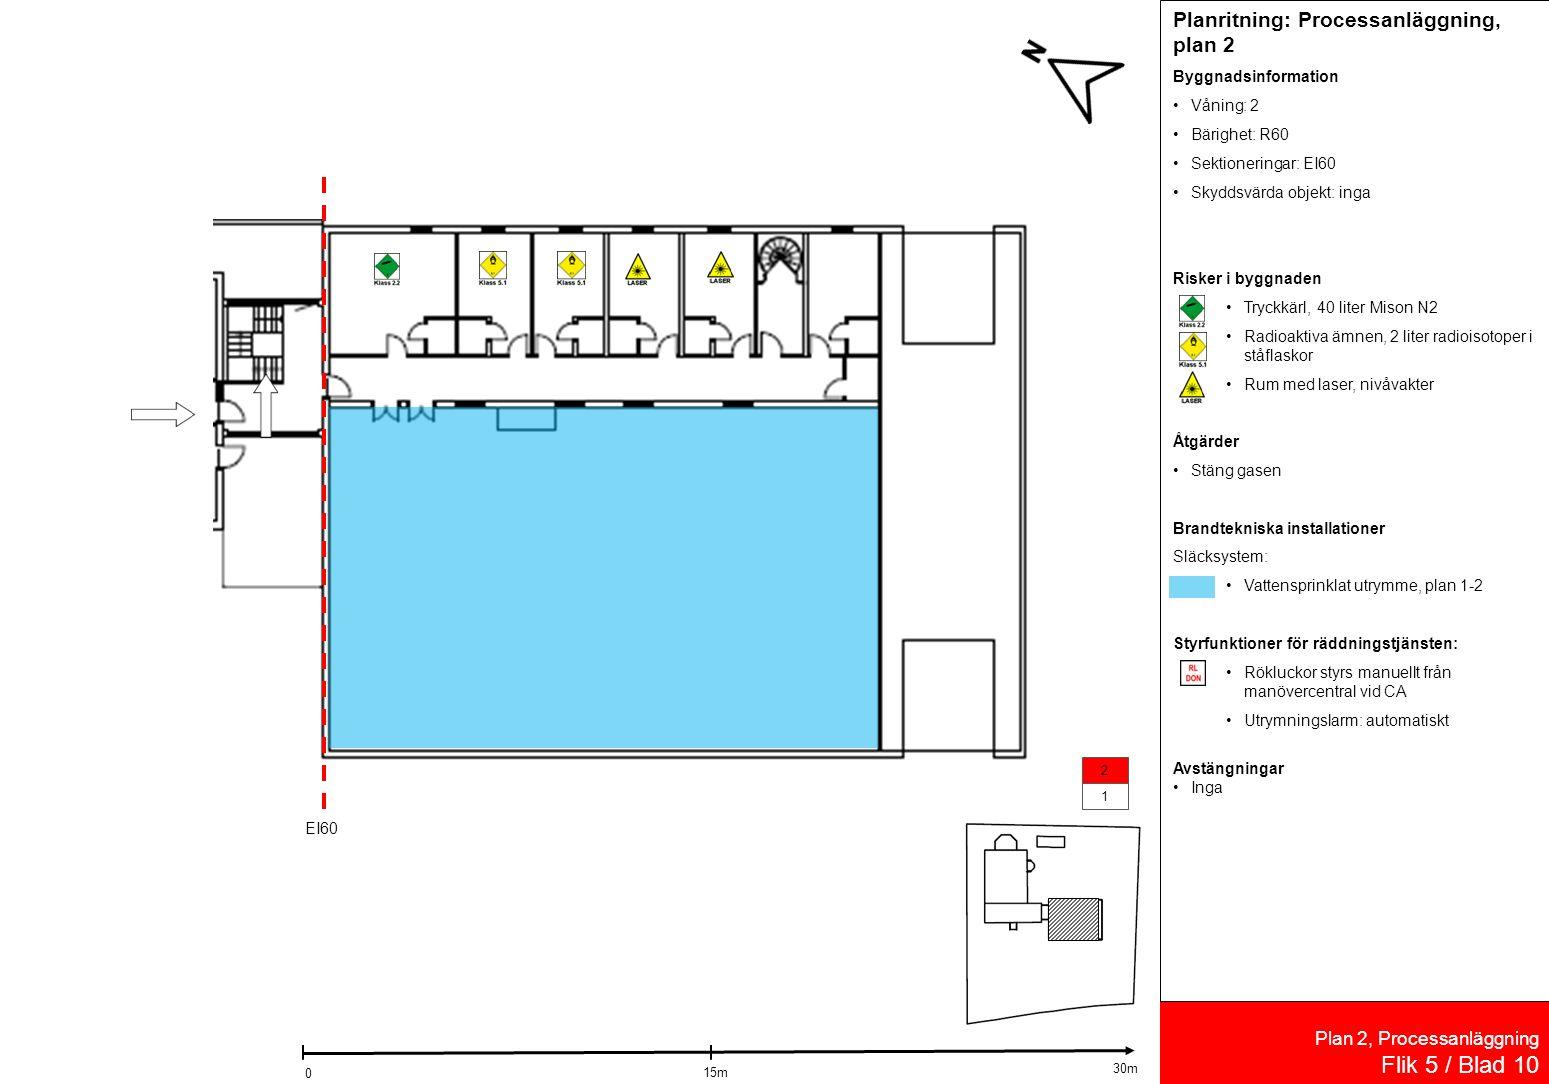 Plan 2, Processanläggning Flik 5 / Blad 10 1 2 Planritning: Processanläggning, plan 2 Byggnadsinformation Våning: 2 Bärighet: R60 Sektioneringar: EI60 Skyddsvärda objekt: inga Risker i byggnaden Tryckkärl, 40 liter Mison N2 Radioaktiva ämnen, 2 liter radioisotoper i ståflaskor Rum med laser, nivåvakter Åtgärder Stäng gasen Brandtekniska installationer Släcksystem: Vattensprinklat utrymme, plan 1-2 Styrfunktioner för räddningstjänsten: Rökluckor styrs manuellt från manövercentral vid CA Utrymningslarm: automatiskt Avstängningar Inga EI60 15m 0 30m